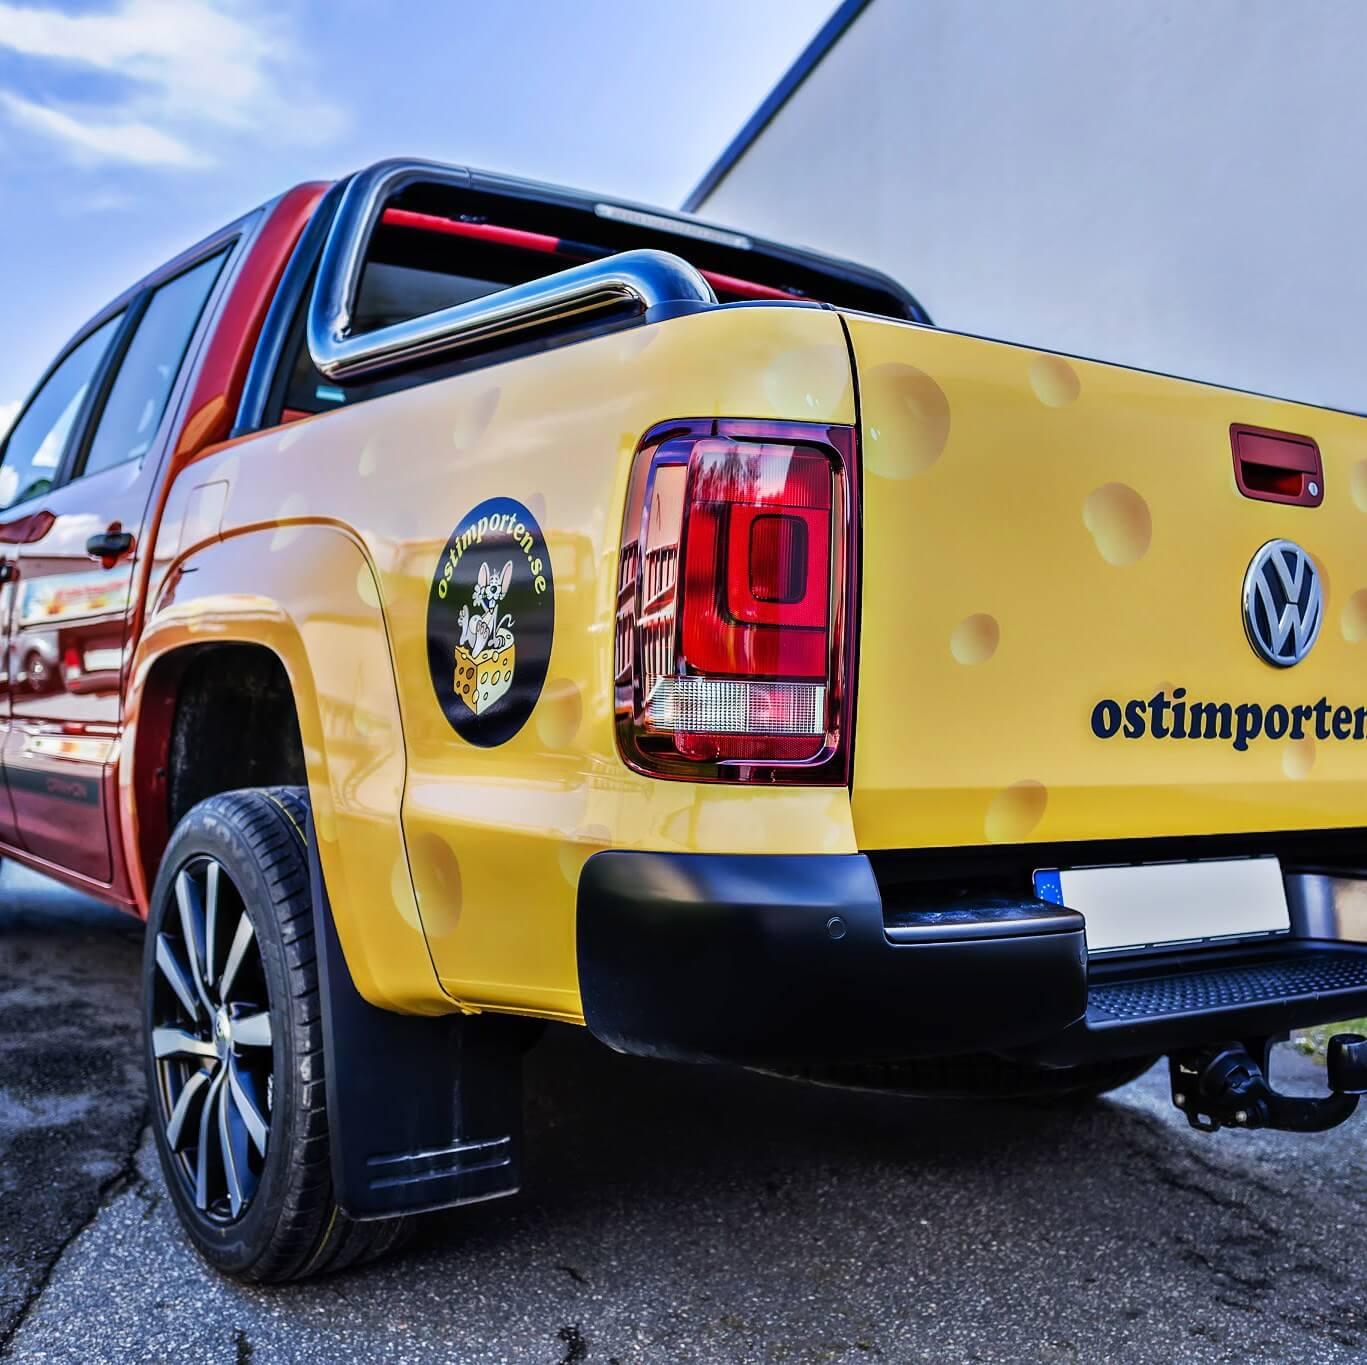 Top-Score-Profil-ostimporten_bil-dekor-blekinge